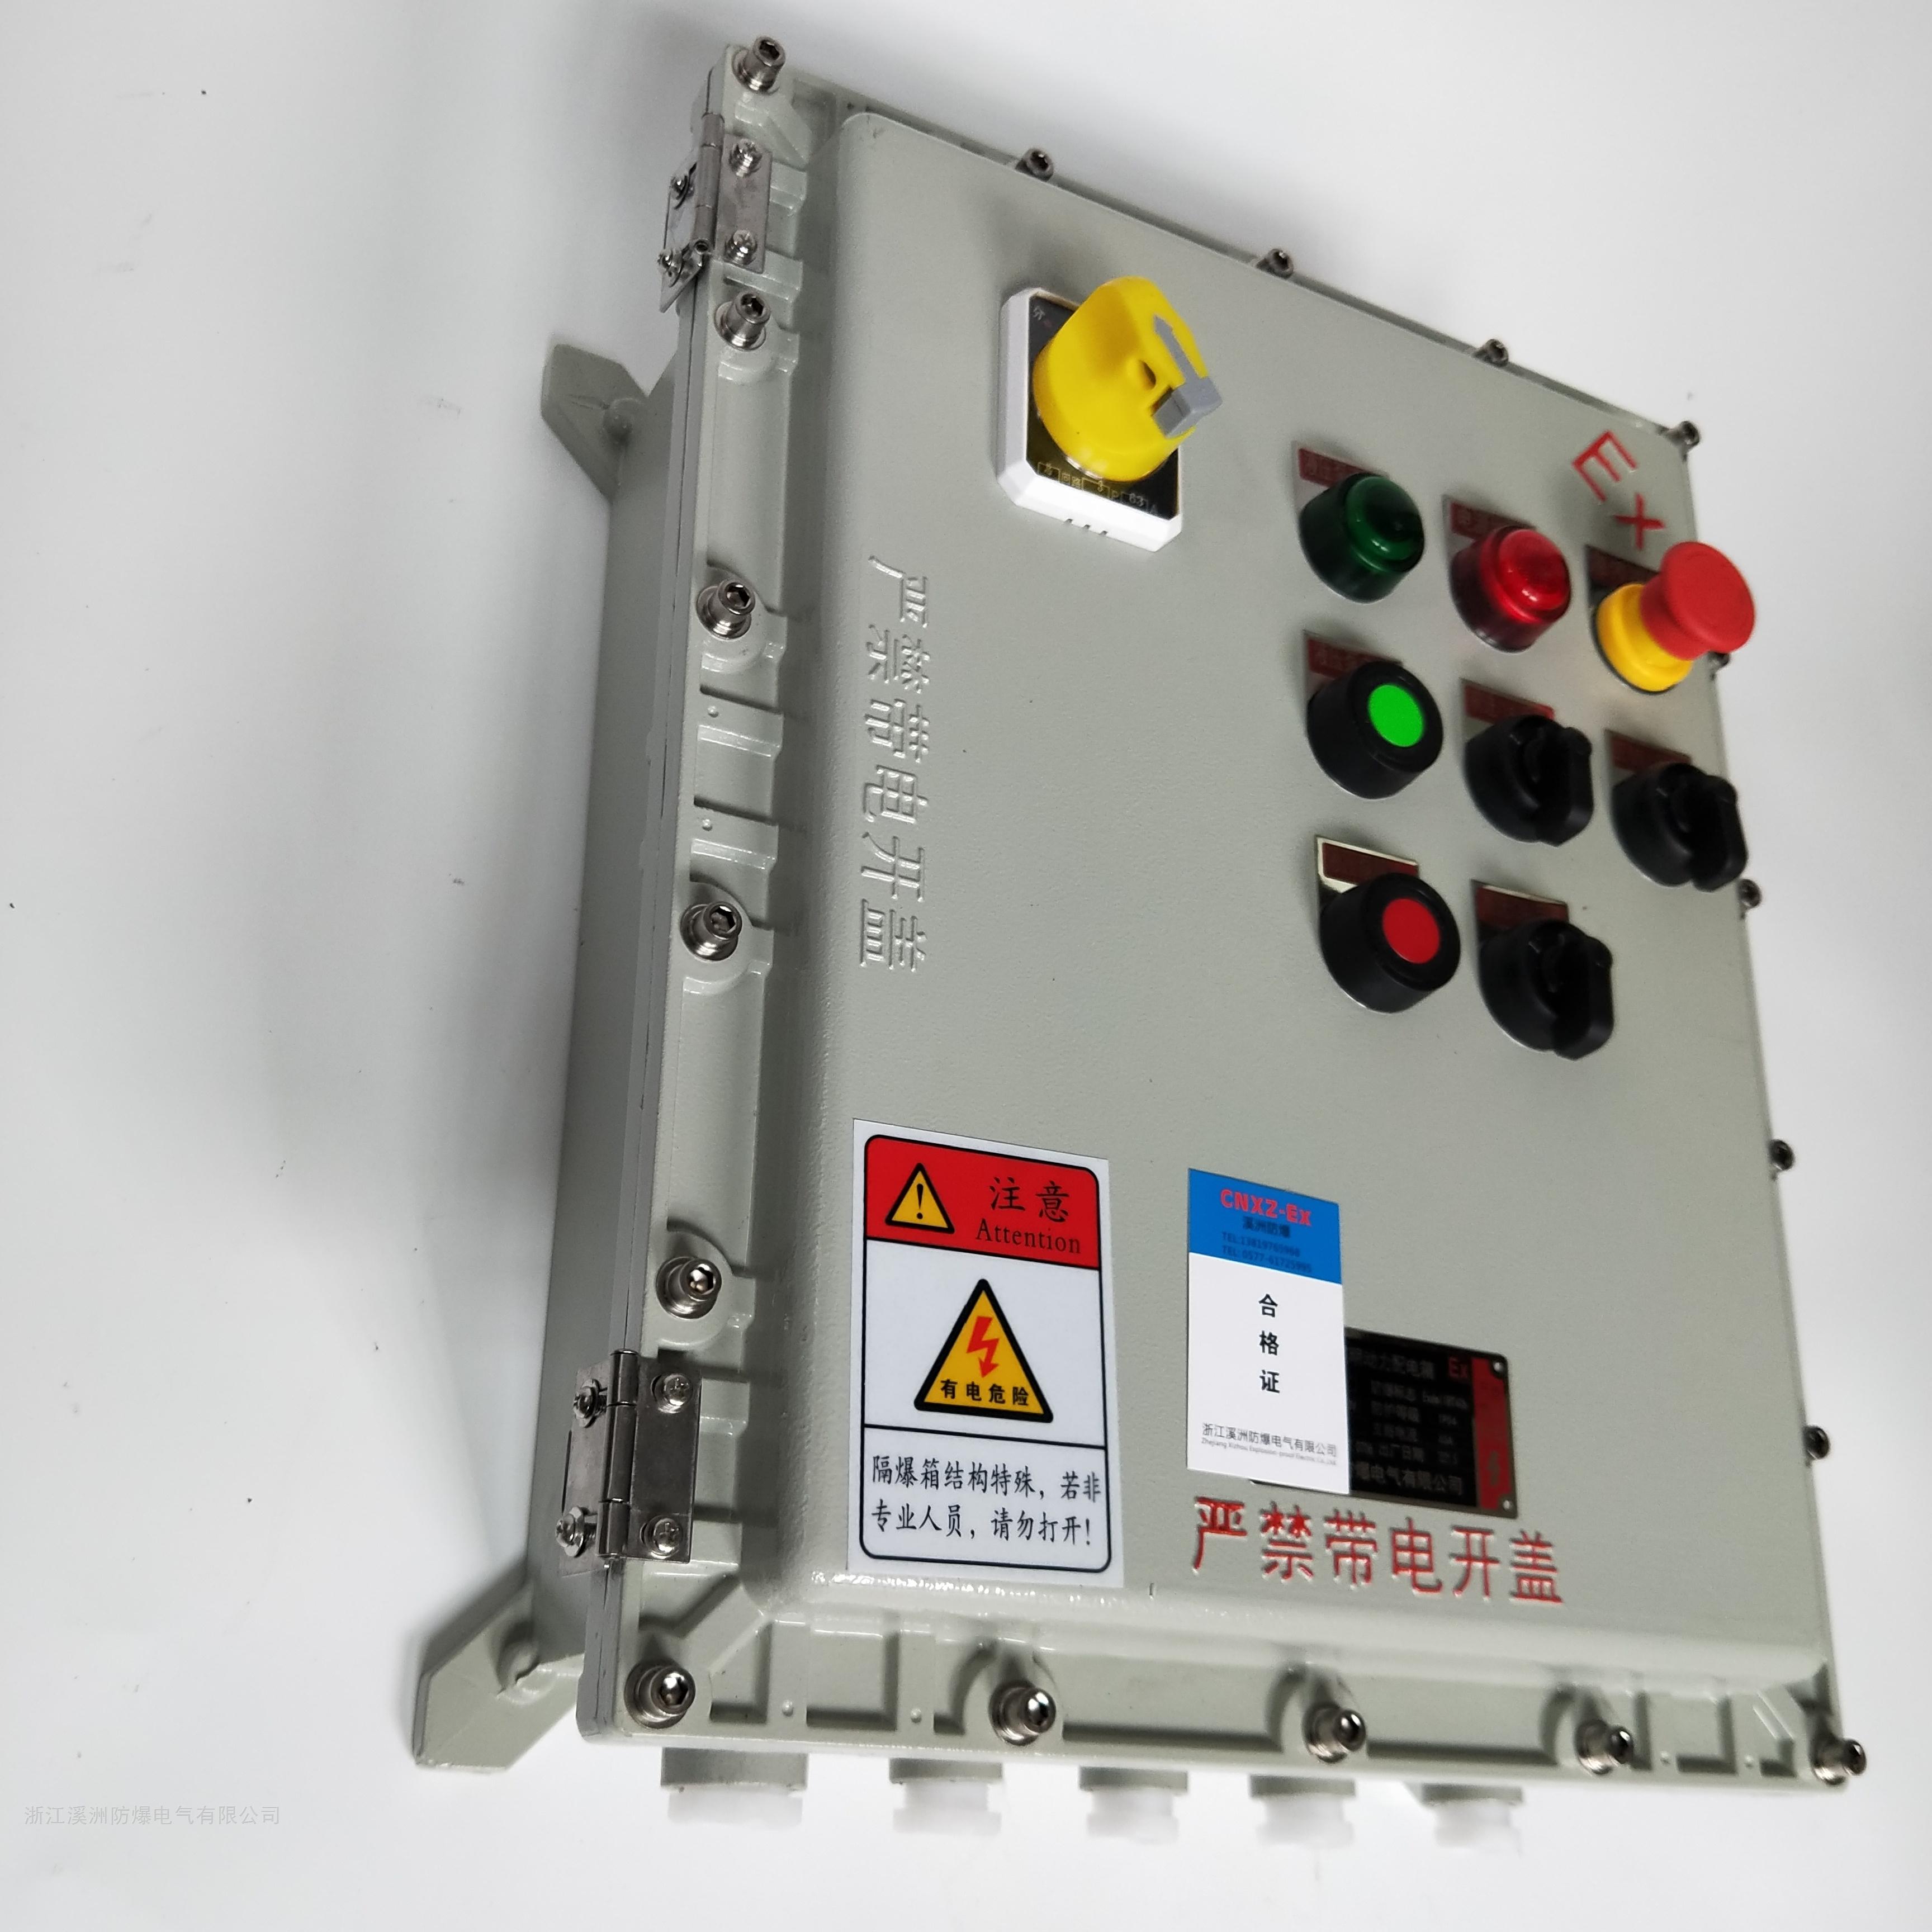 隔爆型铝合金防爆控制箱